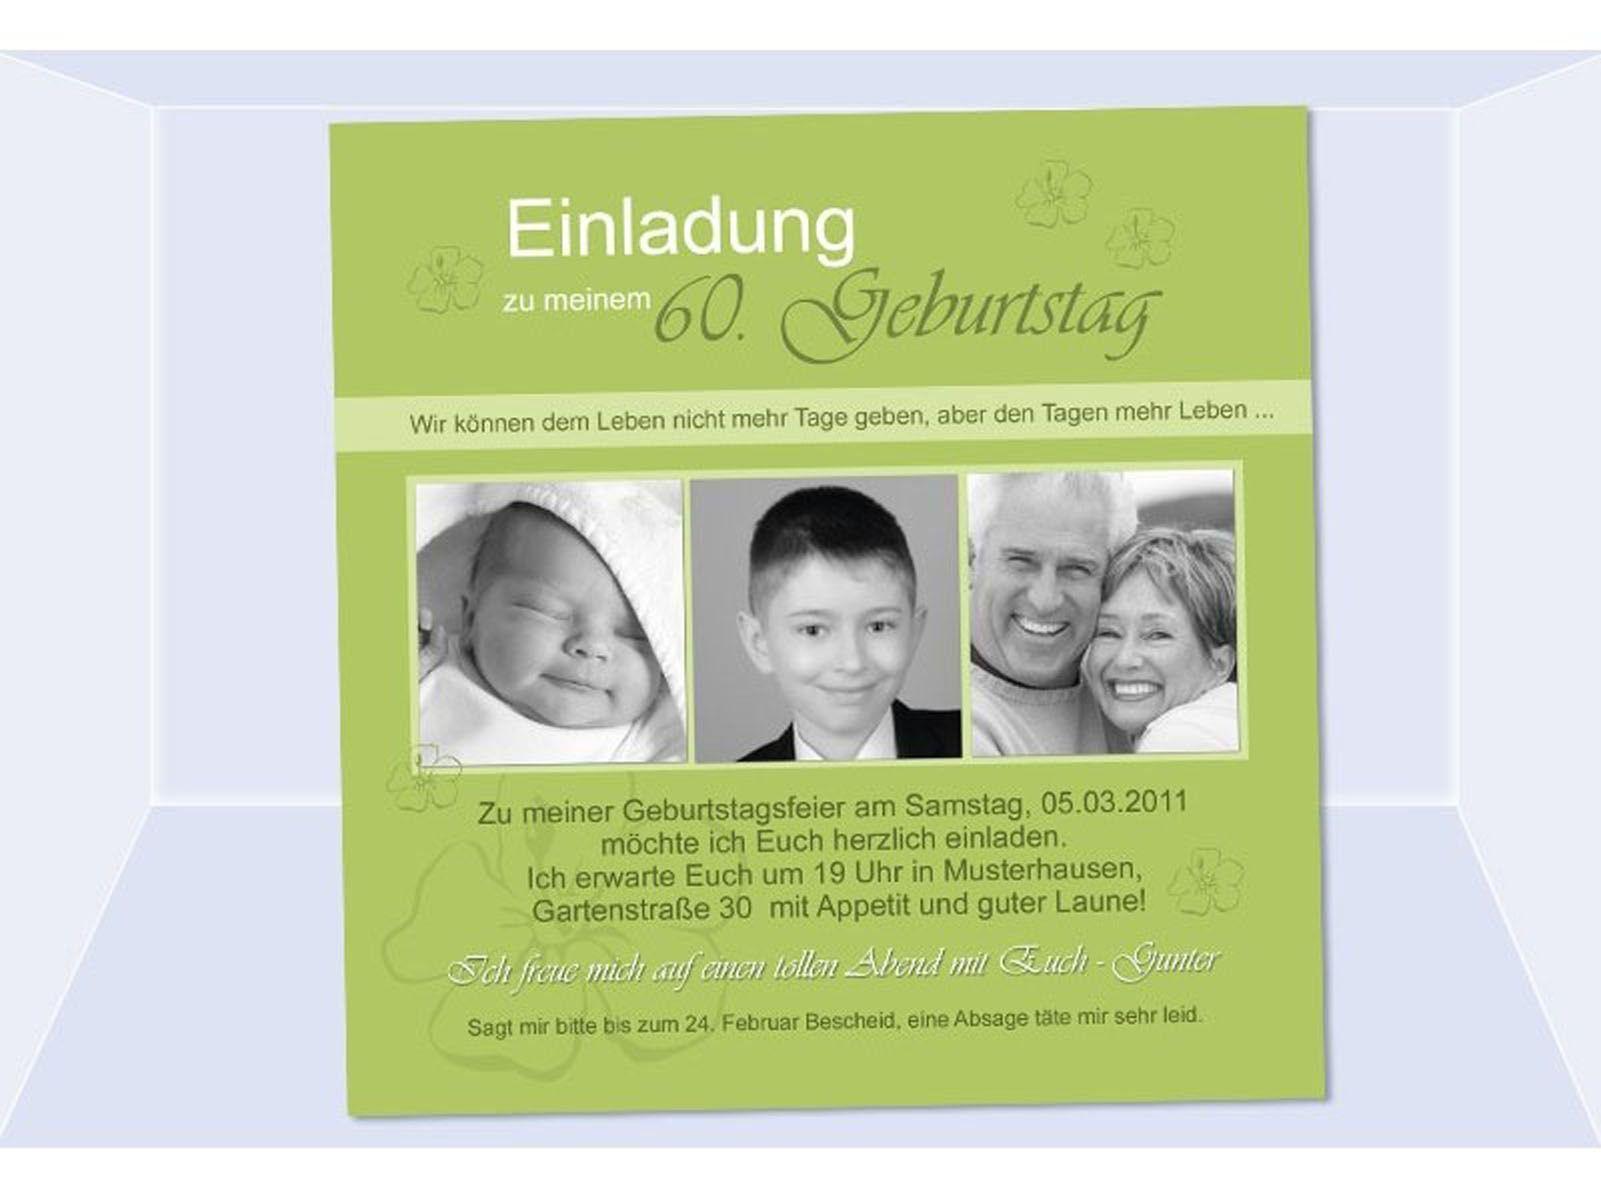 Einladungskarten 60 Geburtstag Einladungskarten 60 Geburtstag